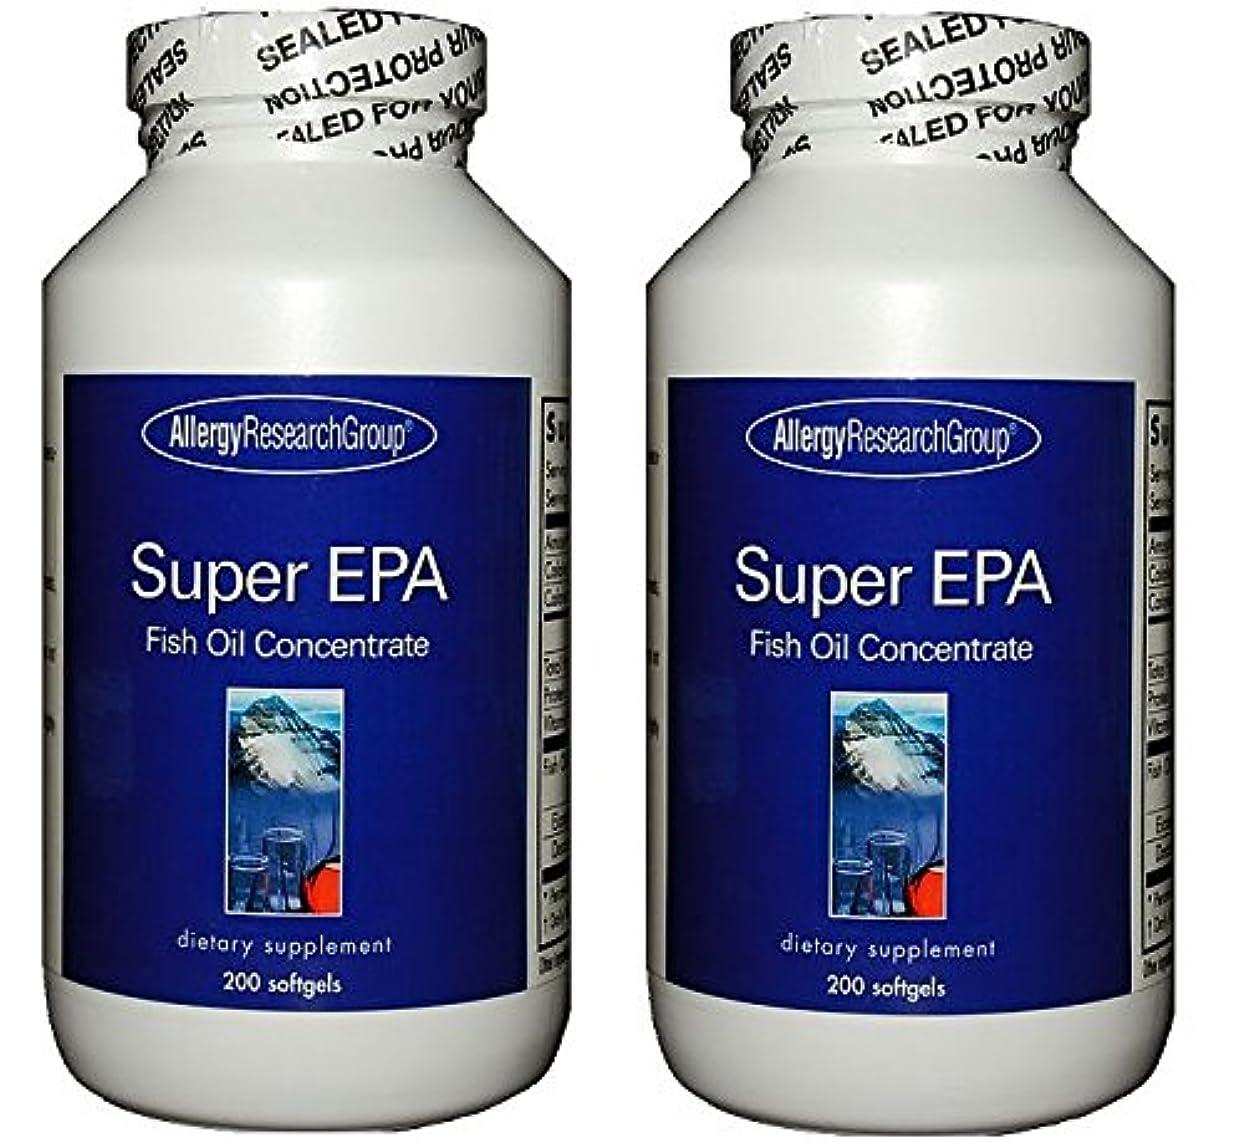 三十ひいきにする現在スーパーEPA & DHA  200ソフトカプセル (Super EPA Fish Oil Concentrate 200 softgels) [海外直送品] 2ボトル